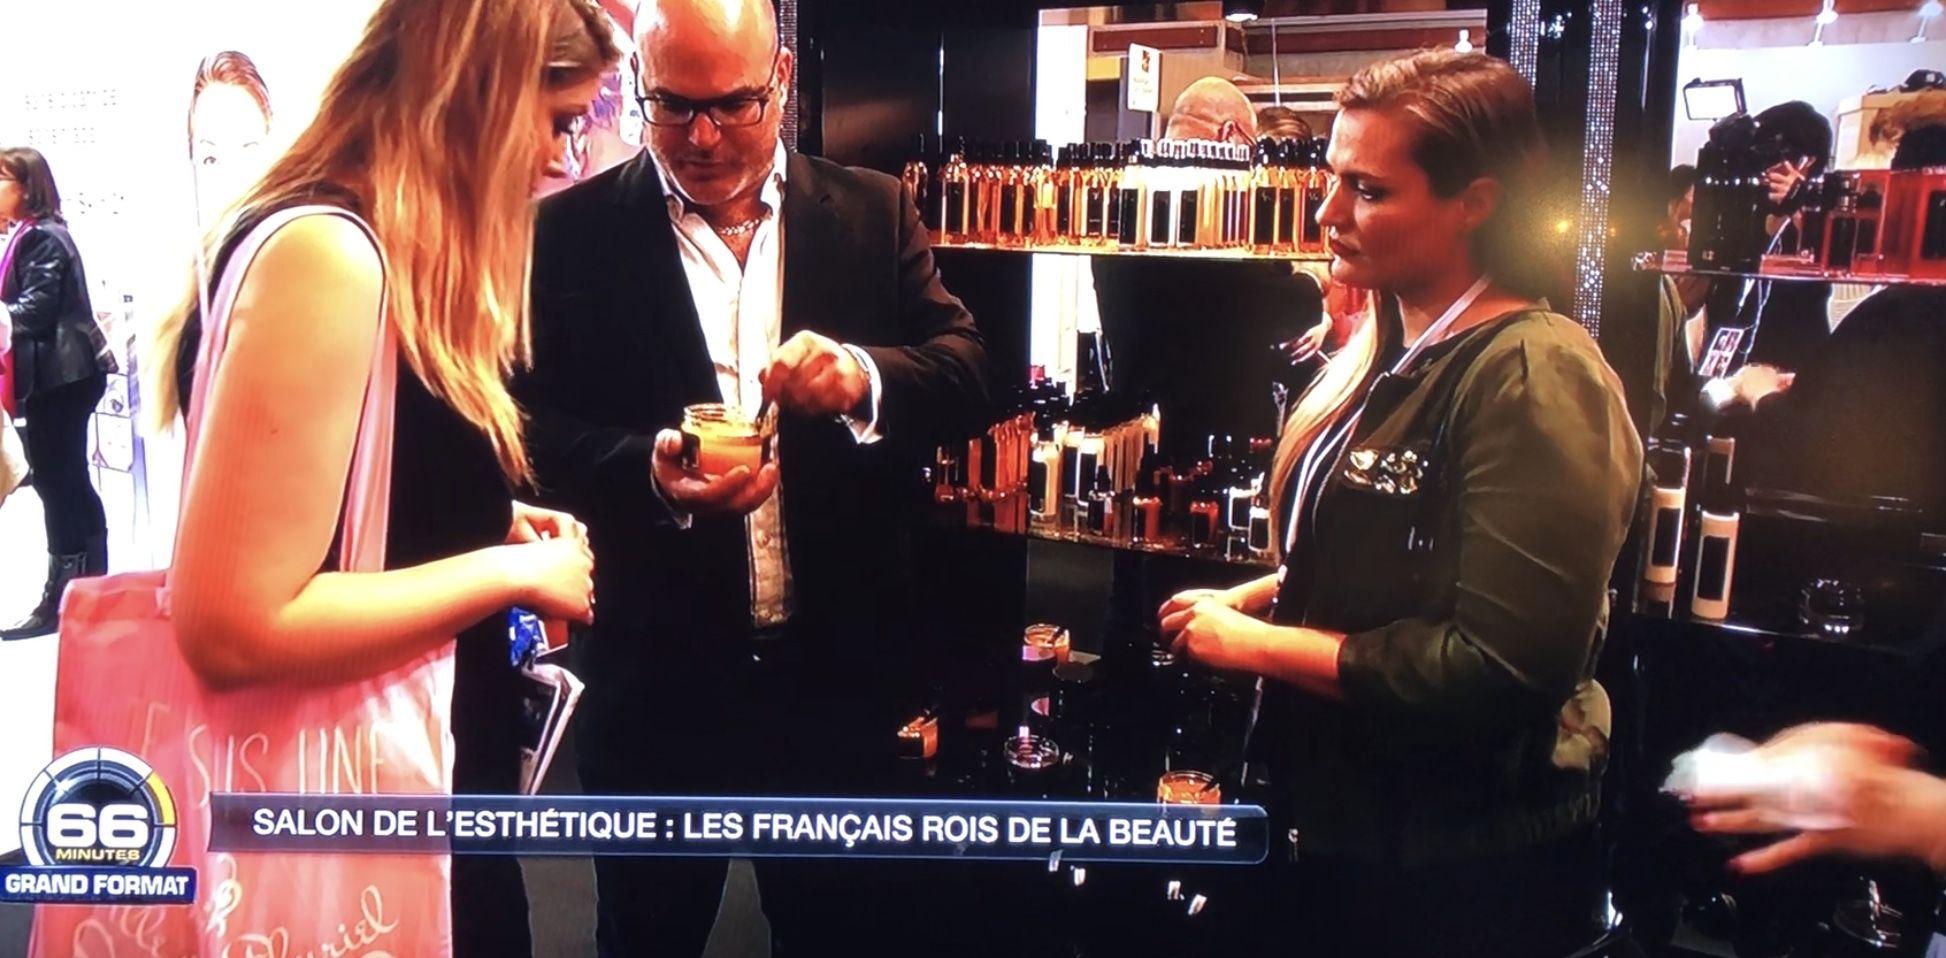 MySpa sur M6 TV M6 tv, Esthetique, Beauté